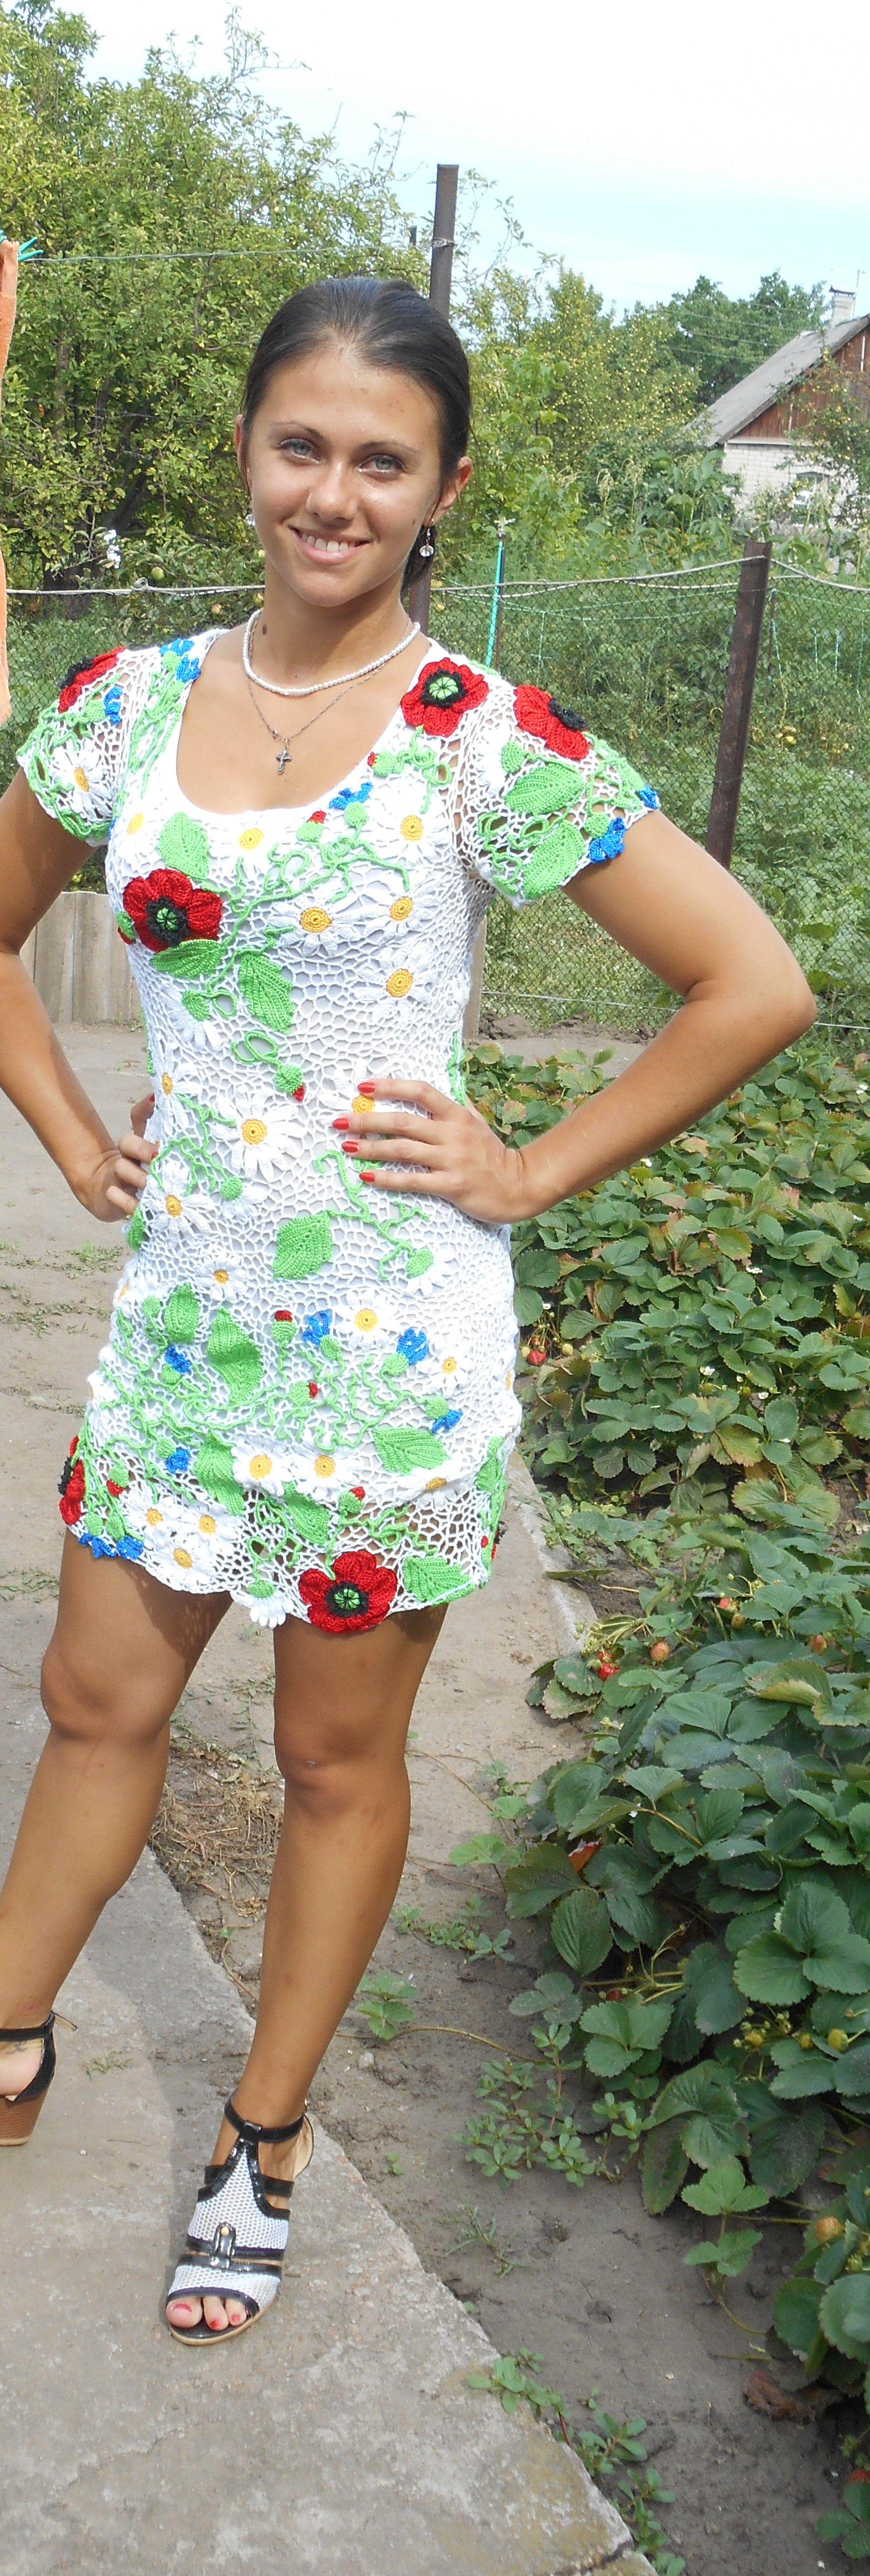 девушек крючком женское платье вязаное летнее для ирландское заказ женщин дляженщин кружево